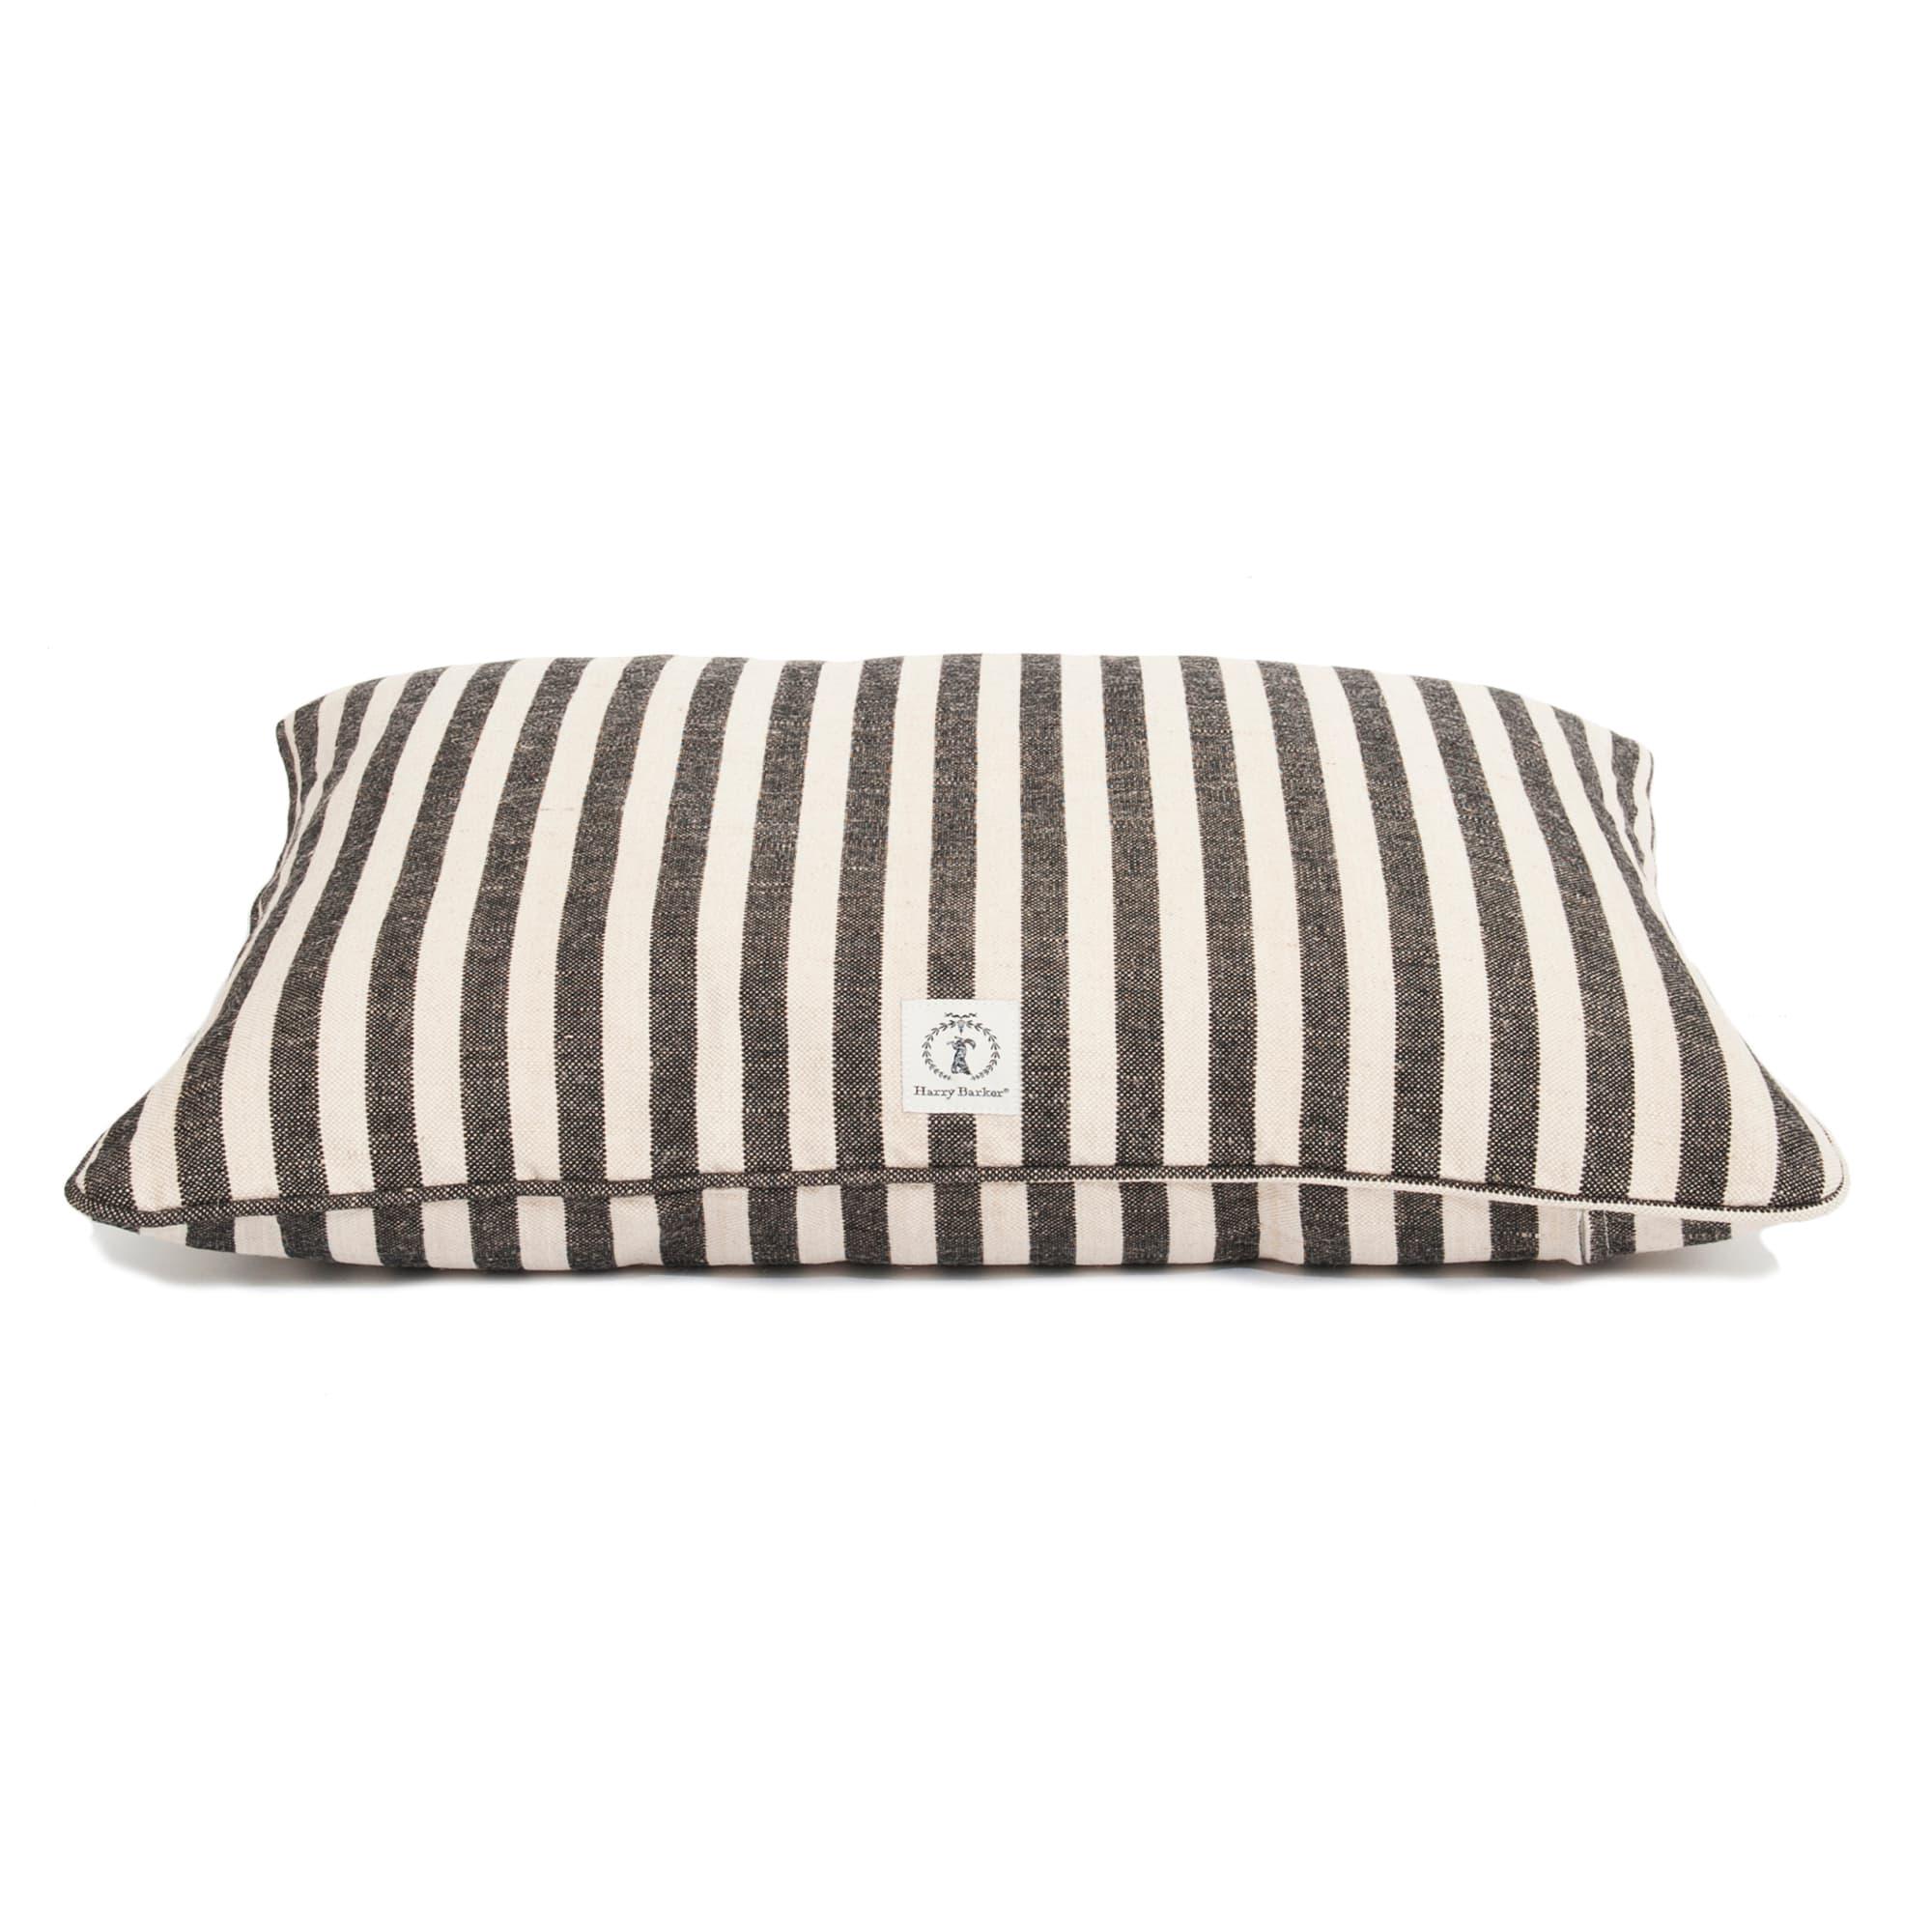 harry barker black vintage stripe envelope dog bed cover 30 l x 24 w